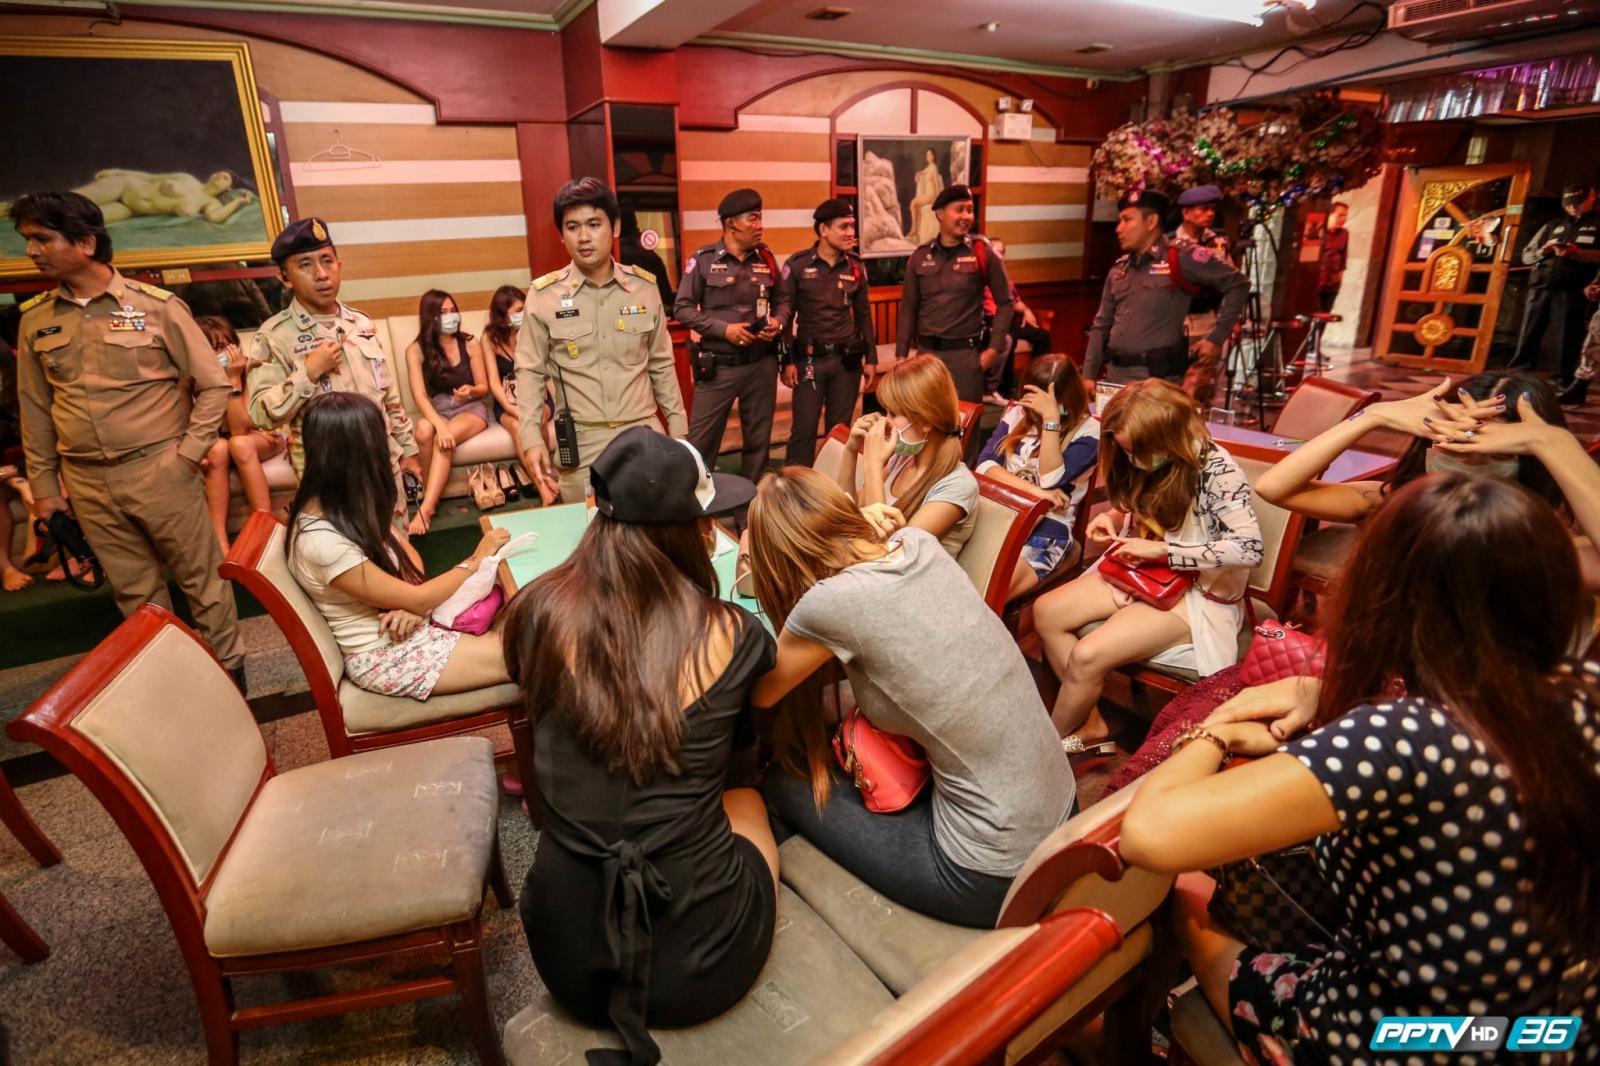 Thailand safe in prostitutes 10 Safety